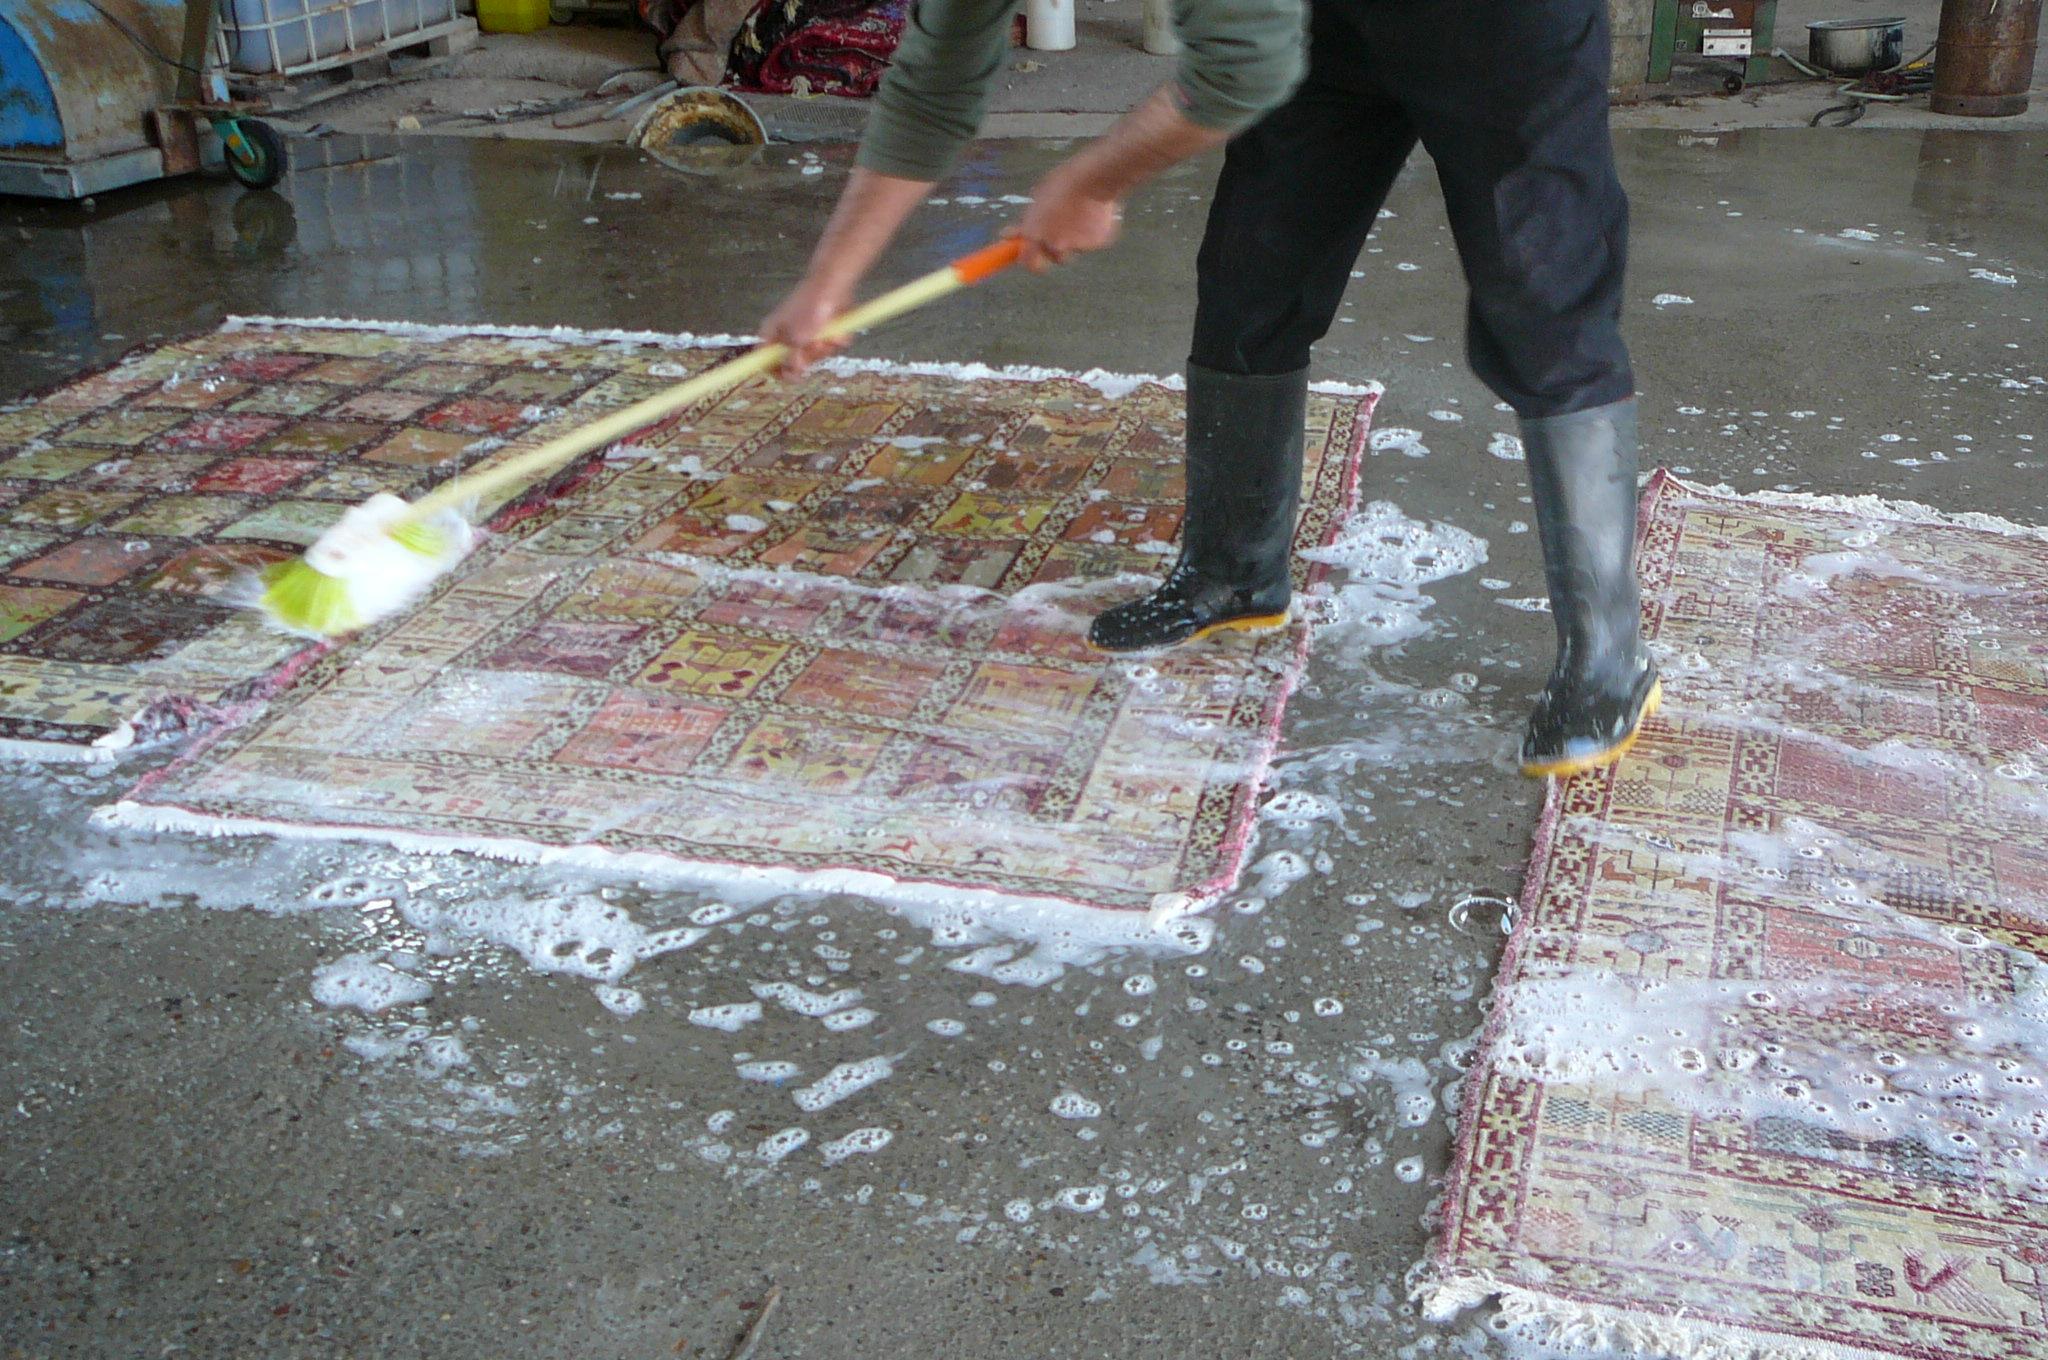 Lavaggio tradizionale tappeti con acqua e sapone neutro come facciamo in Persia